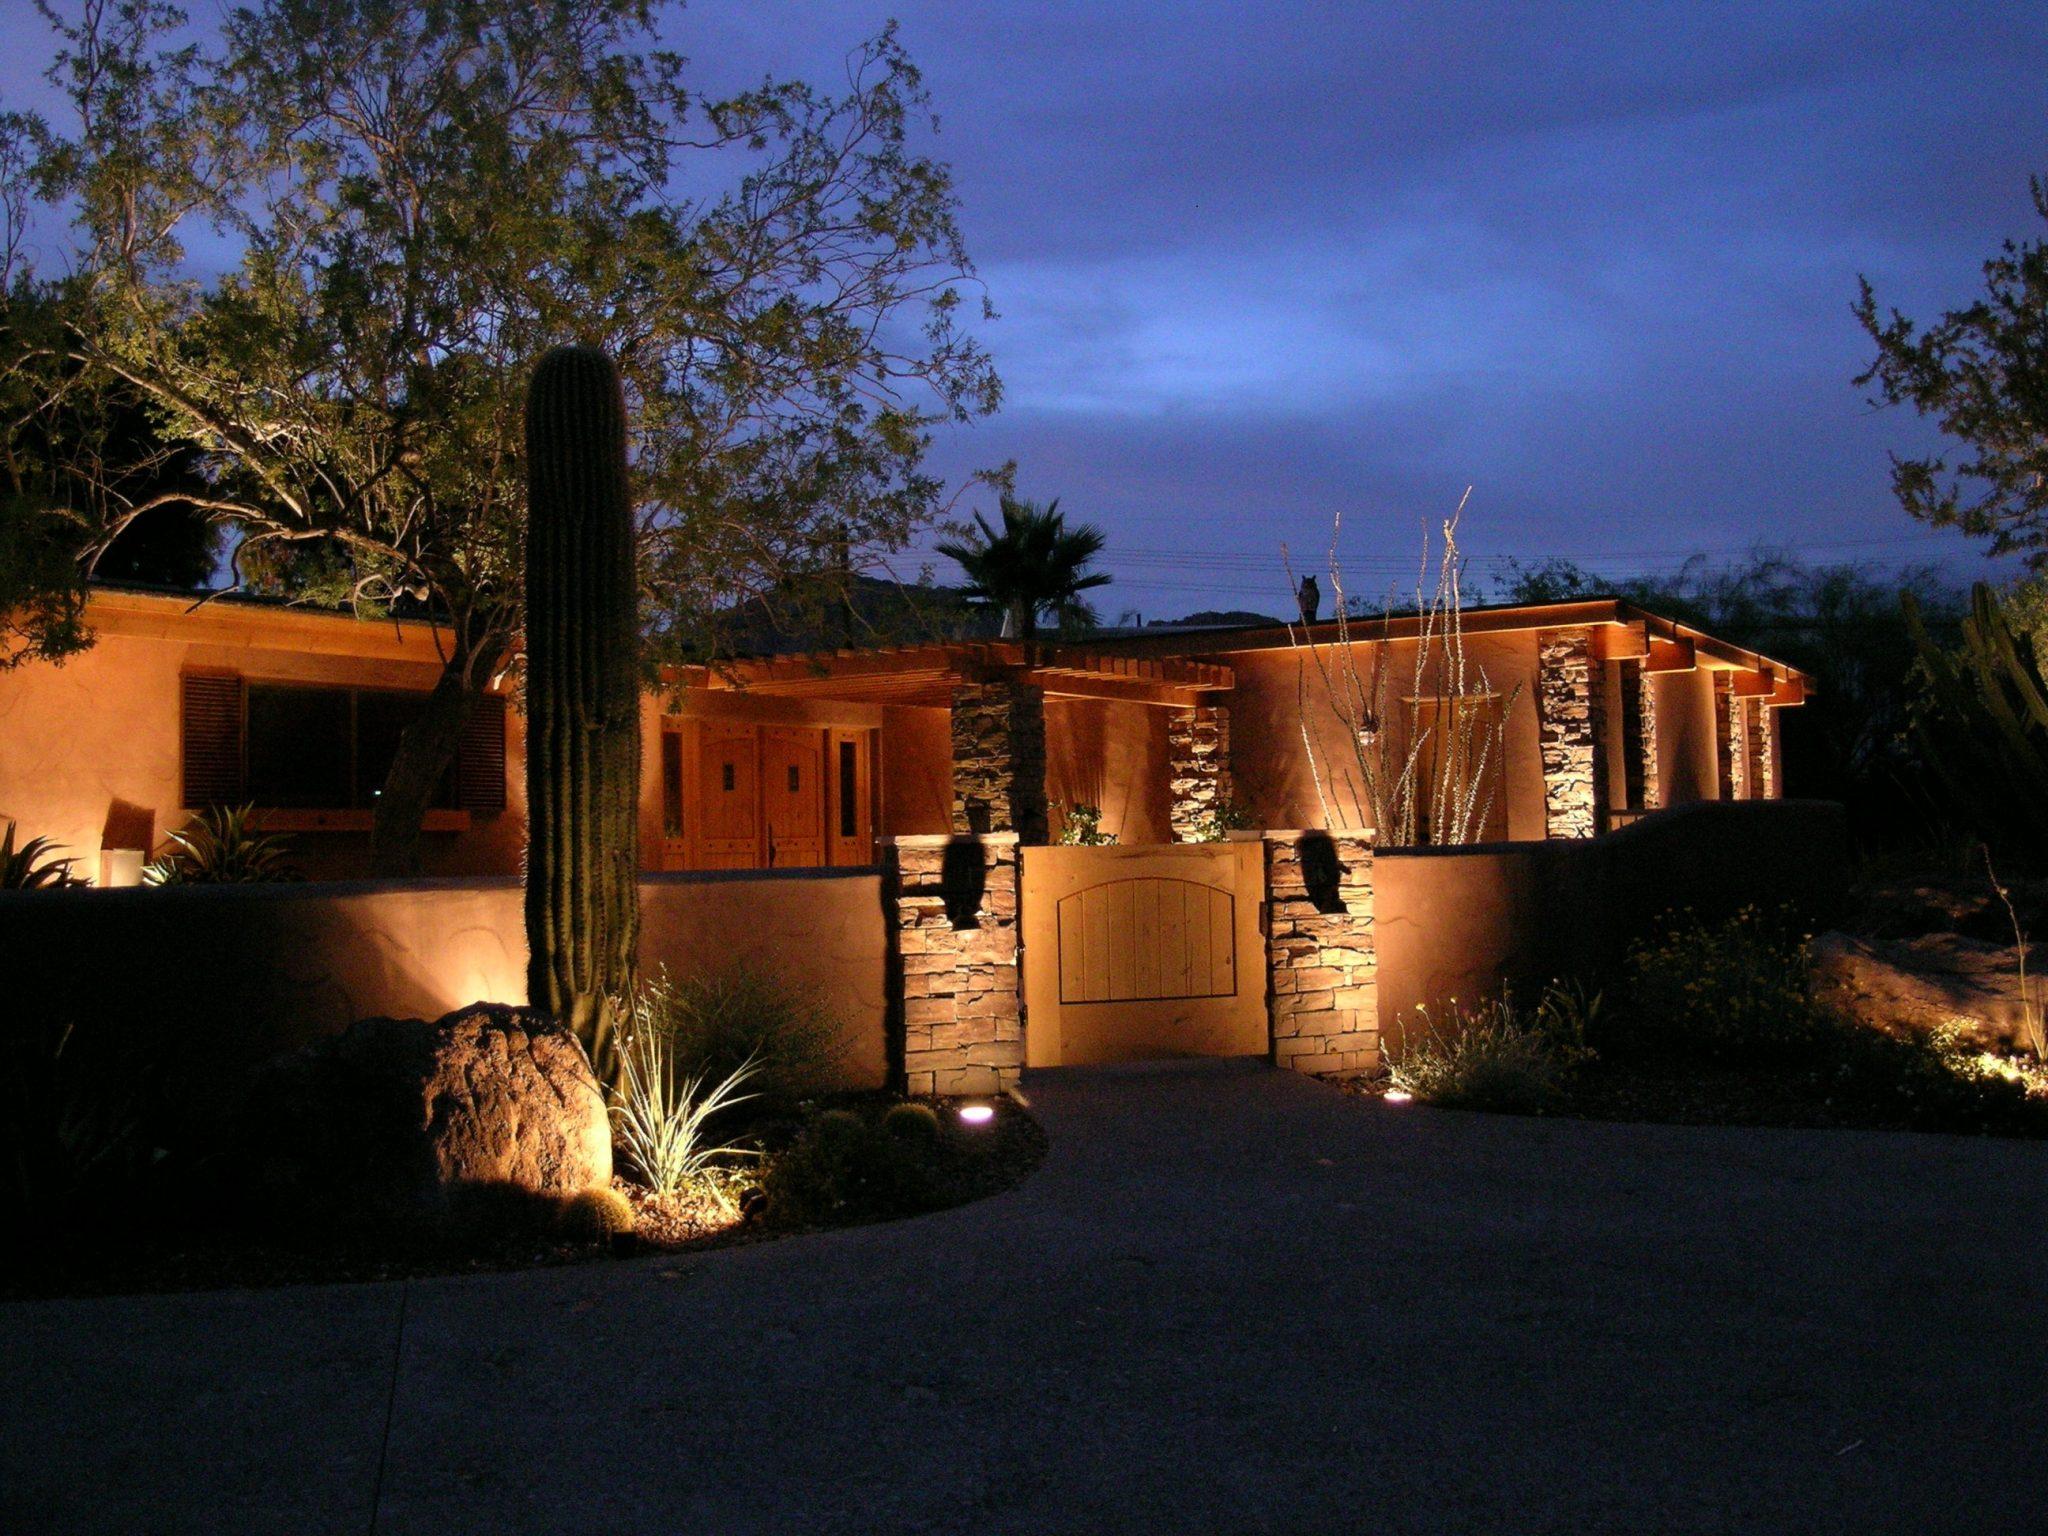 Halogen vs. LED Landscape Lighting